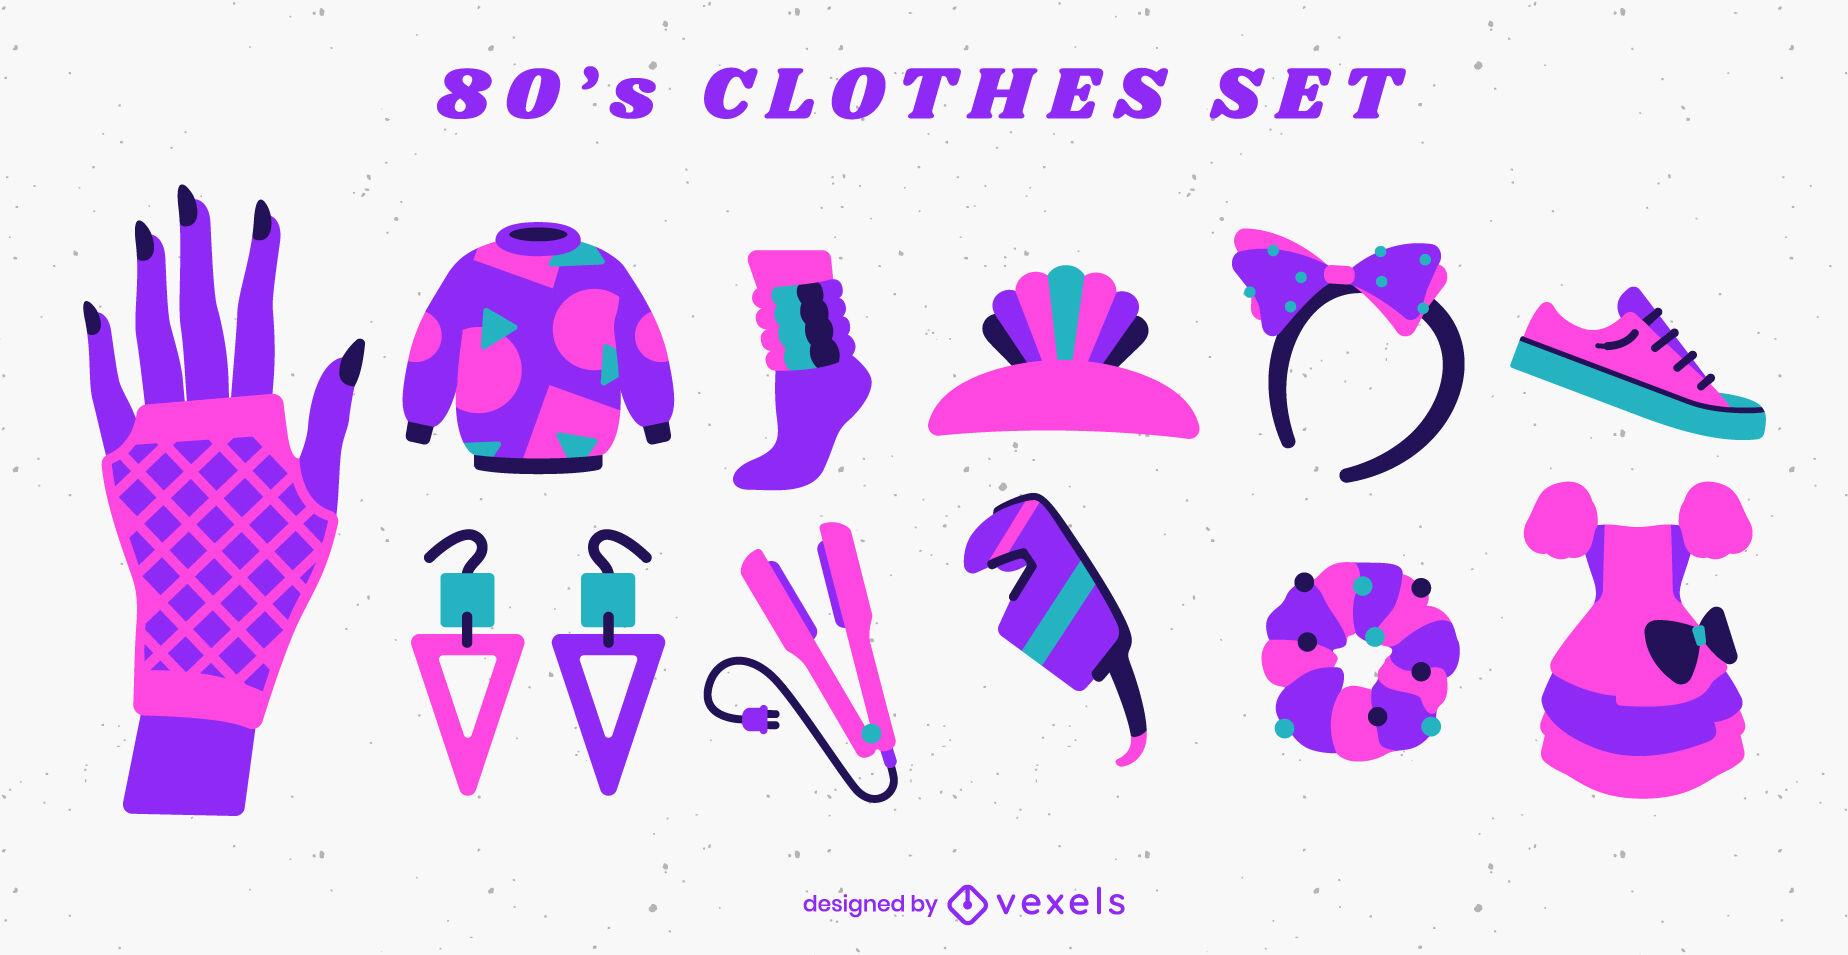 80s clothing set flat